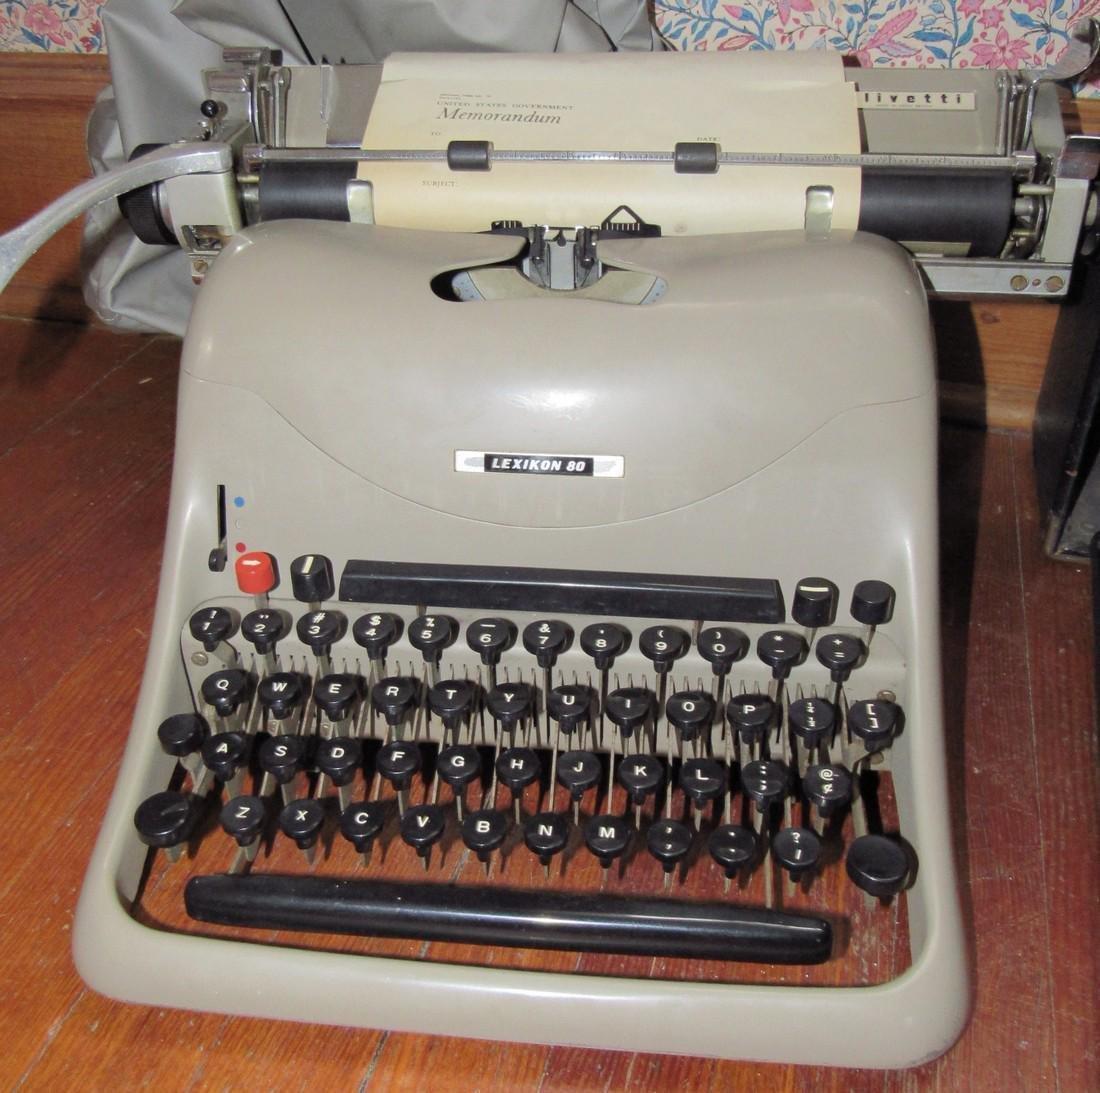 Lexicon 80 Remington & Anterex Parva Typewriters - 2